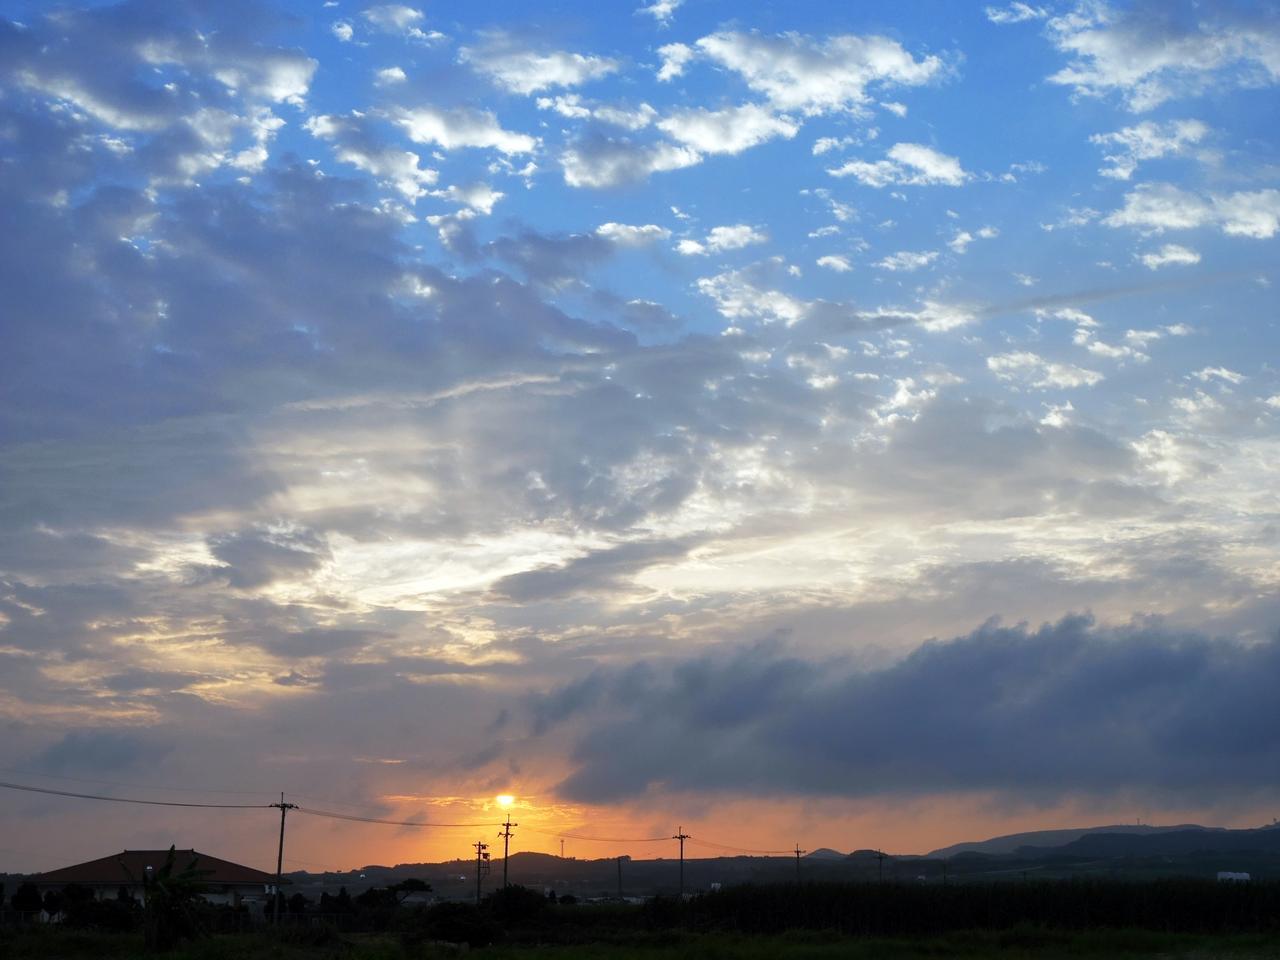 画像: 久米島を一望!歴史ロマン溢れる宇江城城跡から見渡す絶景-沖縄旅行激安予約サイトの沖縄旅予約ドットコム